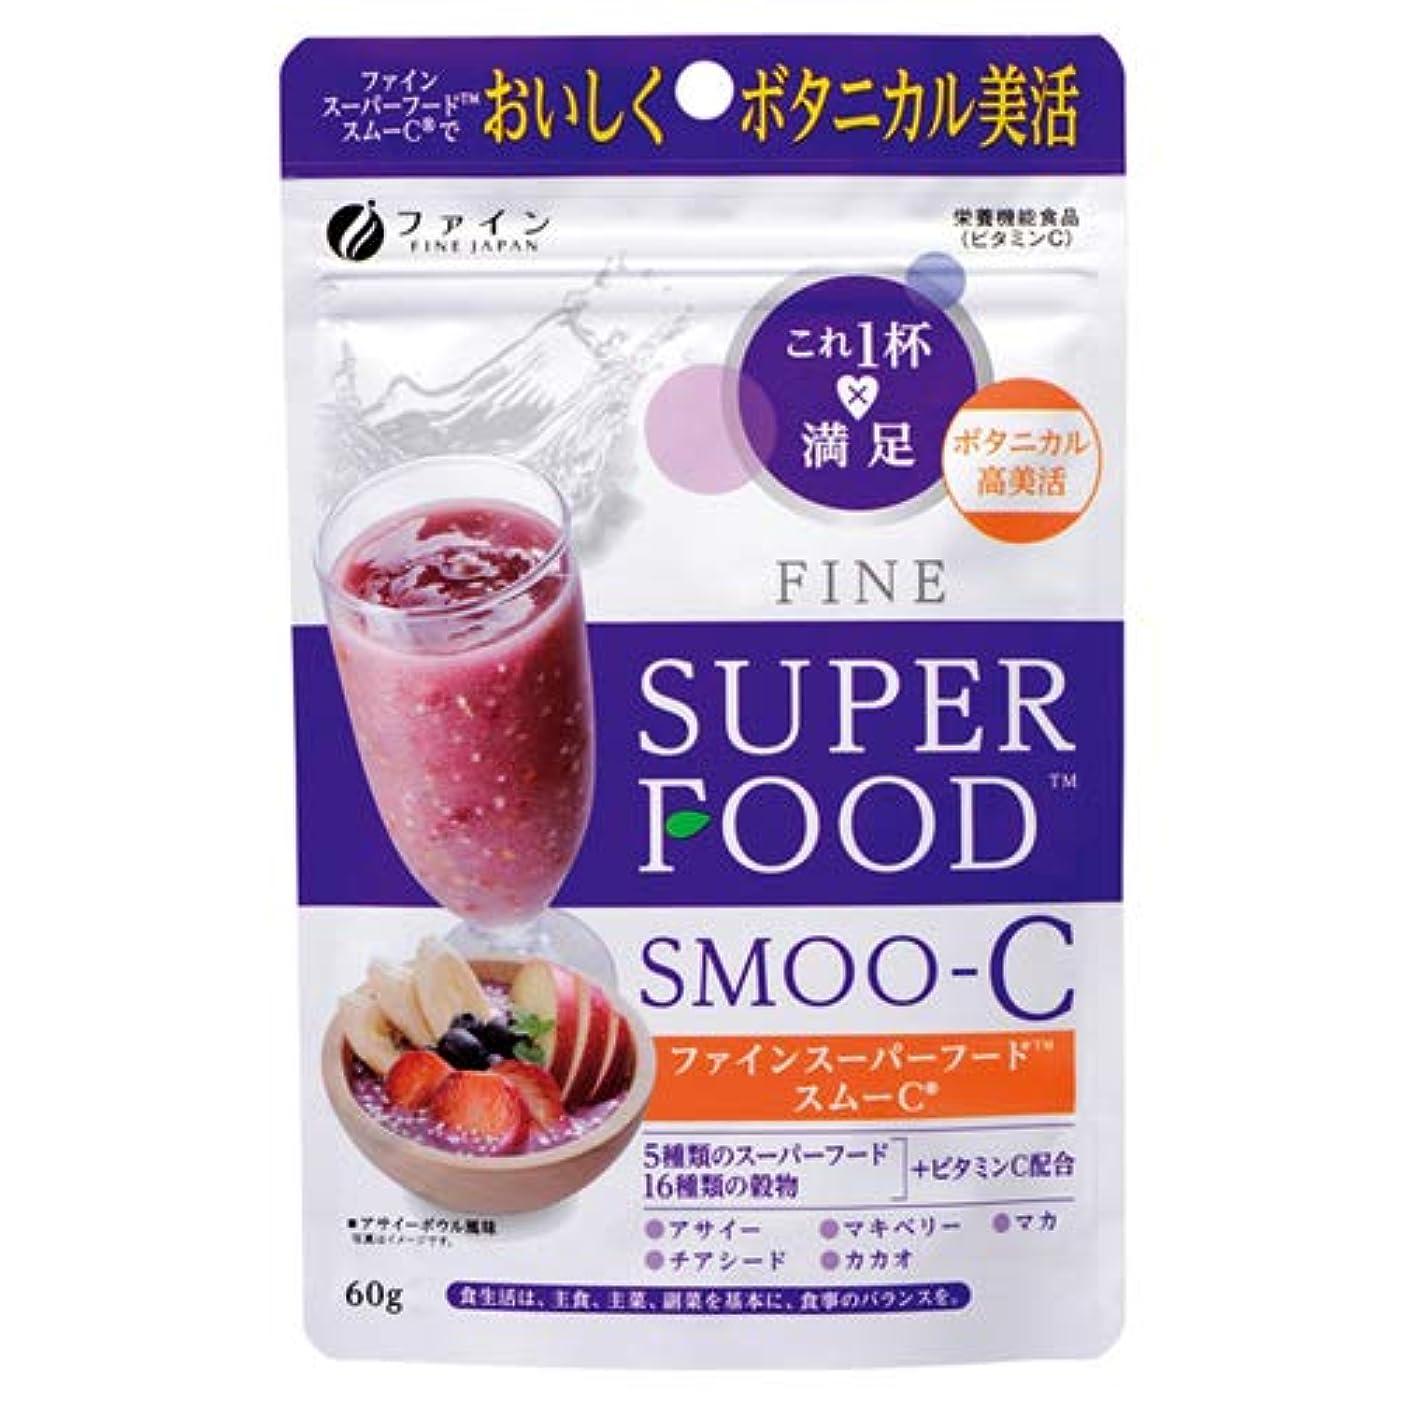 好み対処する類似性ファイン スーパーフード スムーC 60g 【2袋組】